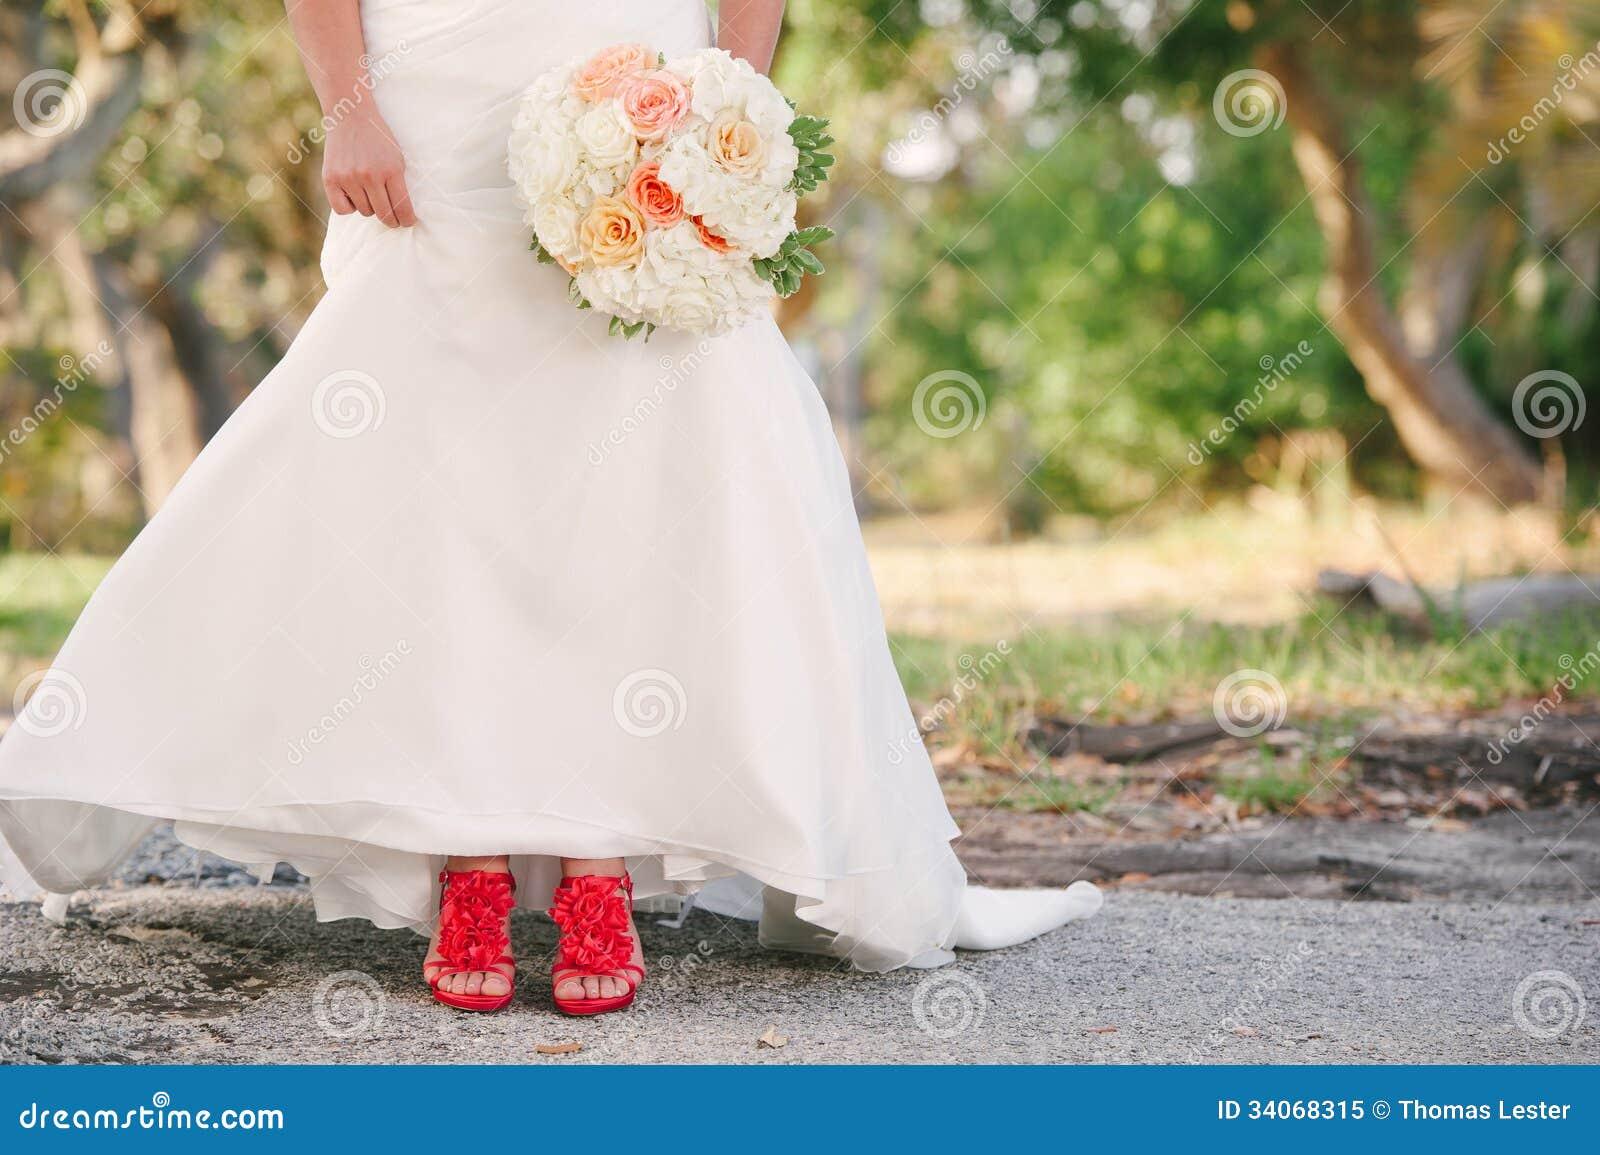 Tragendes Weißes Hochzeitskleid Der Braut Und Rote Schuhe Stockfoto ...